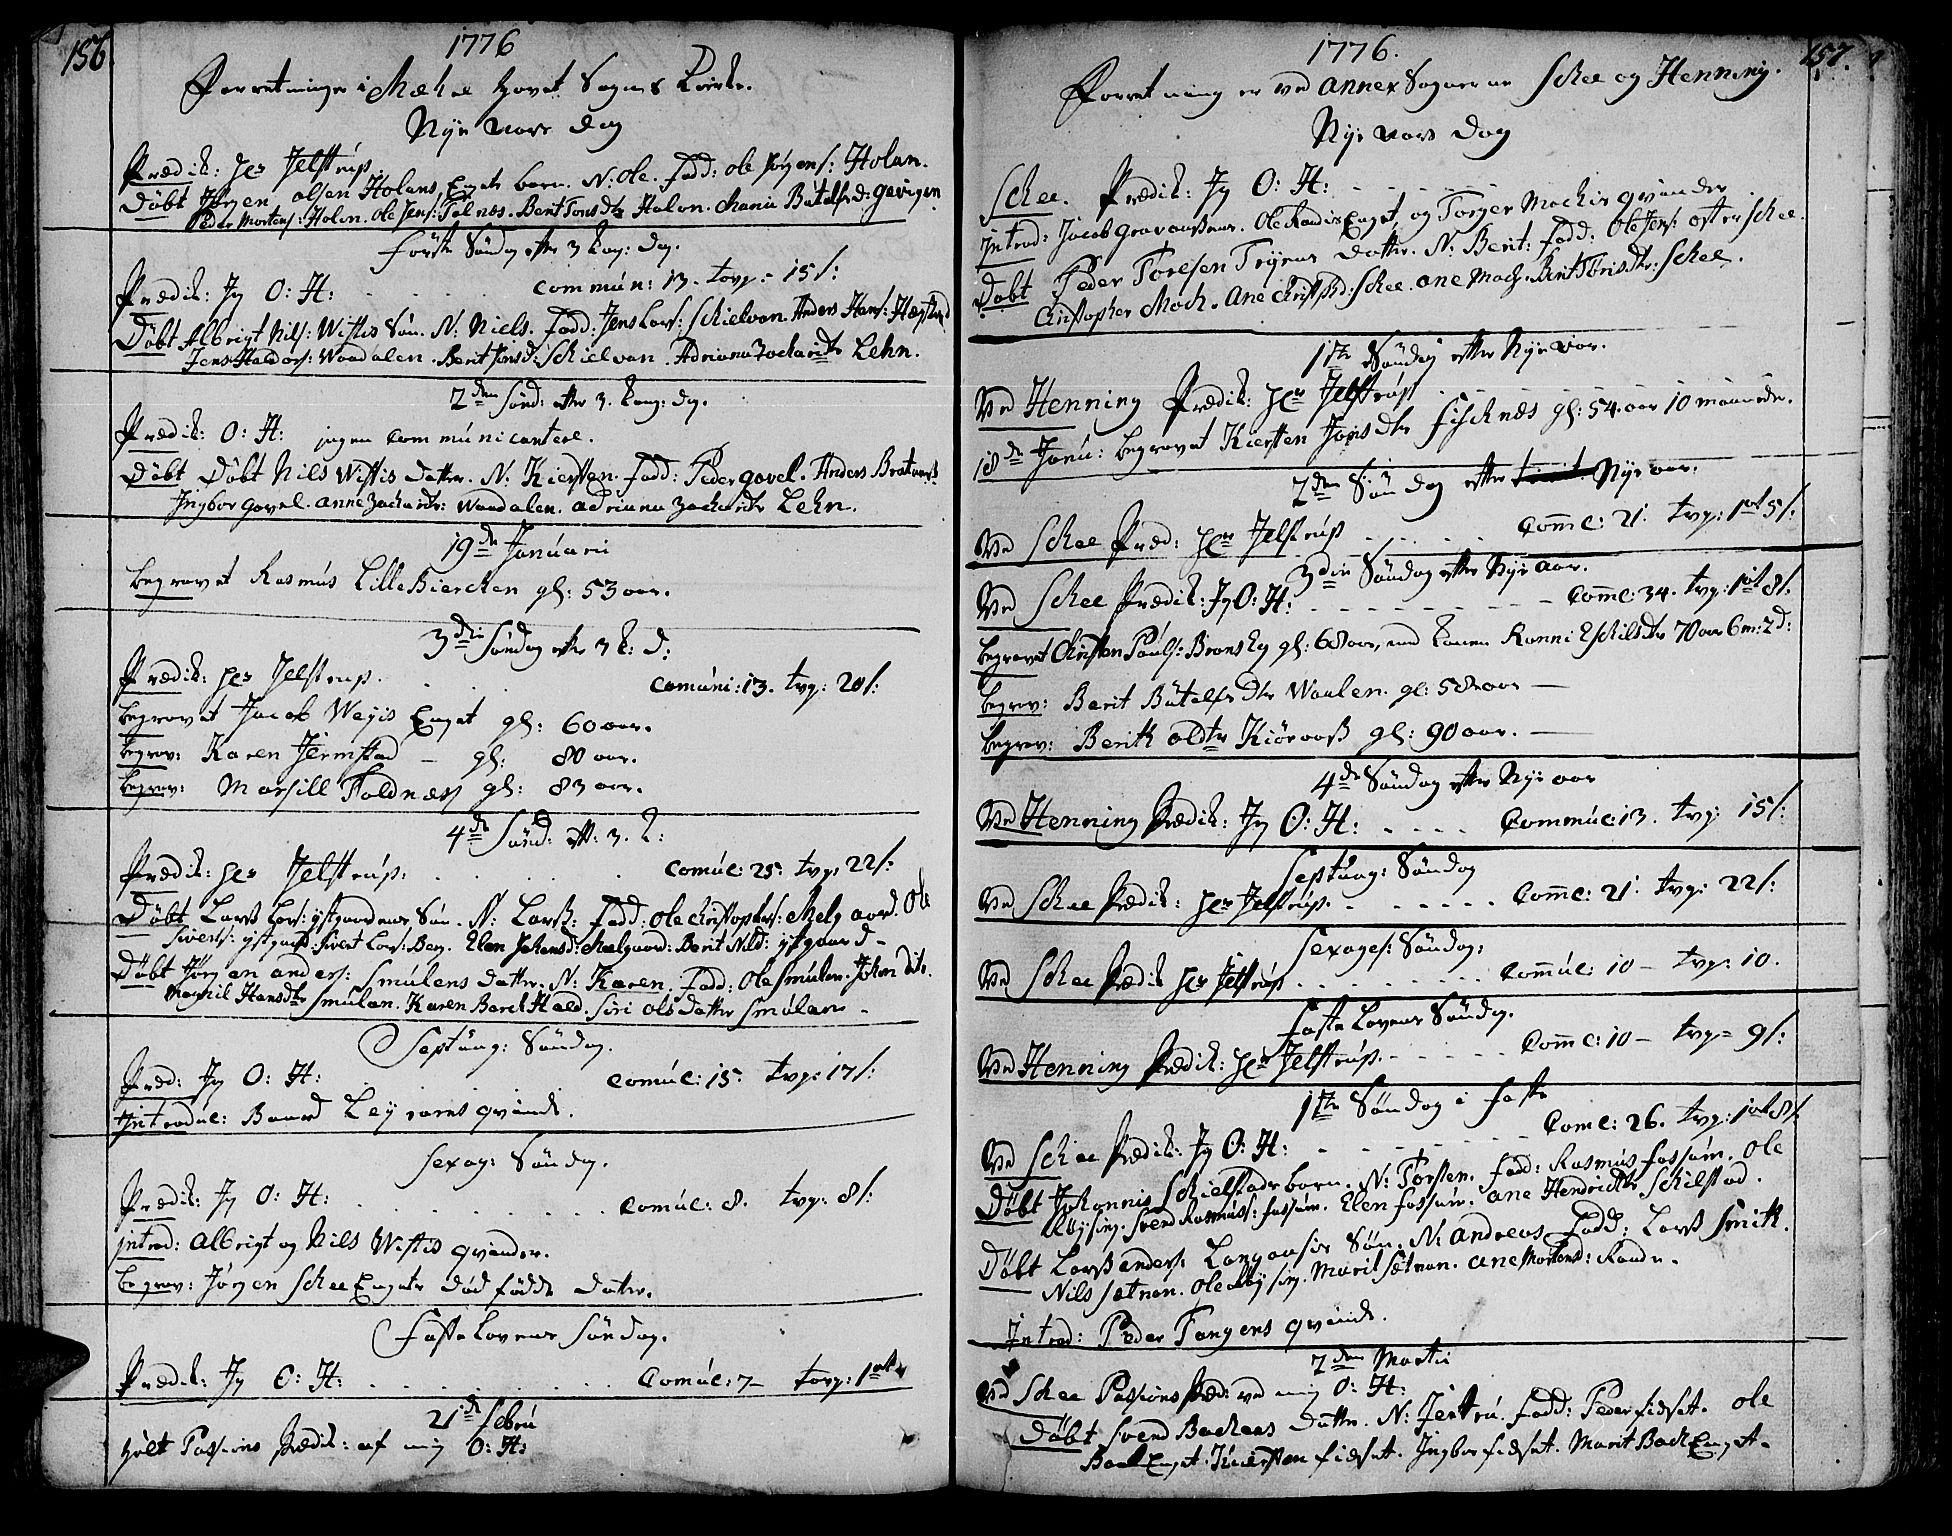 SAT, Ministerialprotokoller, klokkerbøker og fødselsregistre - Nord-Trøndelag, 735/L0331: Ministerialbok nr. 735A02, 1762-1794, s. 156-157